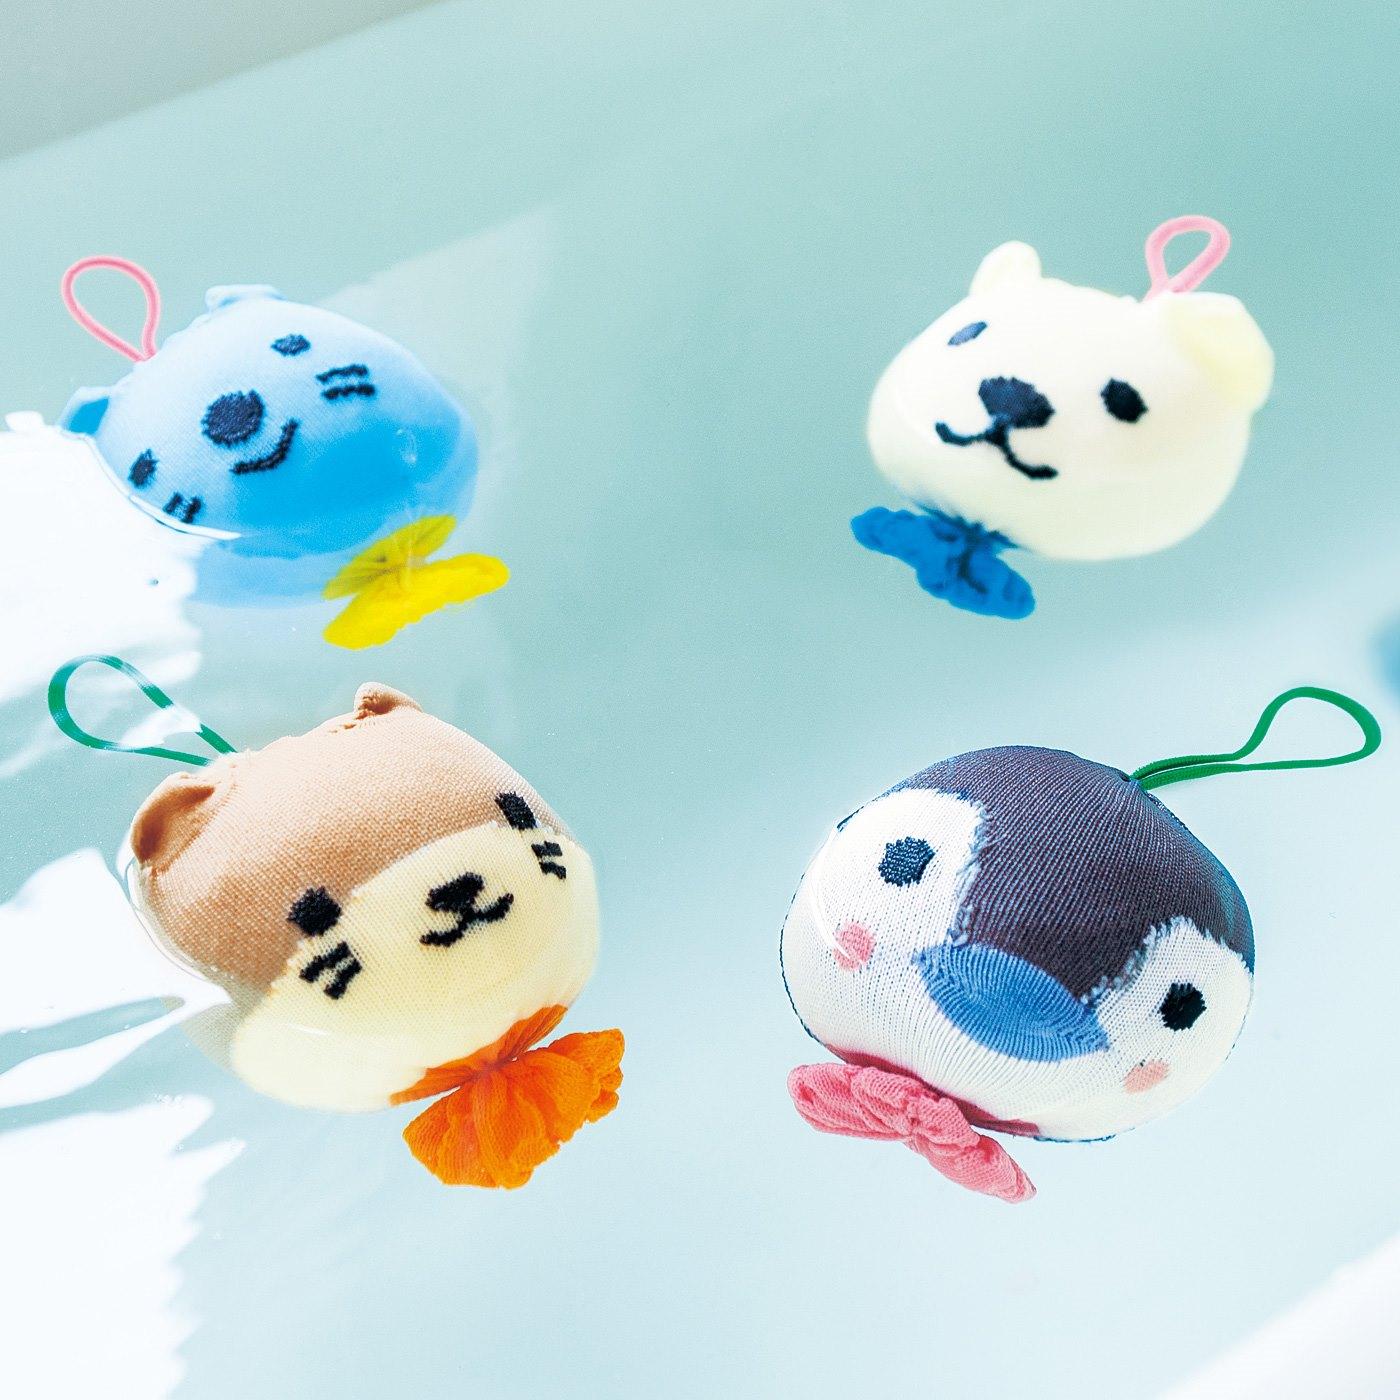 ペンギンやラッコなど、水辺で暮らす動物の赤ちゃんをモチーフにしたお掃除ボール。